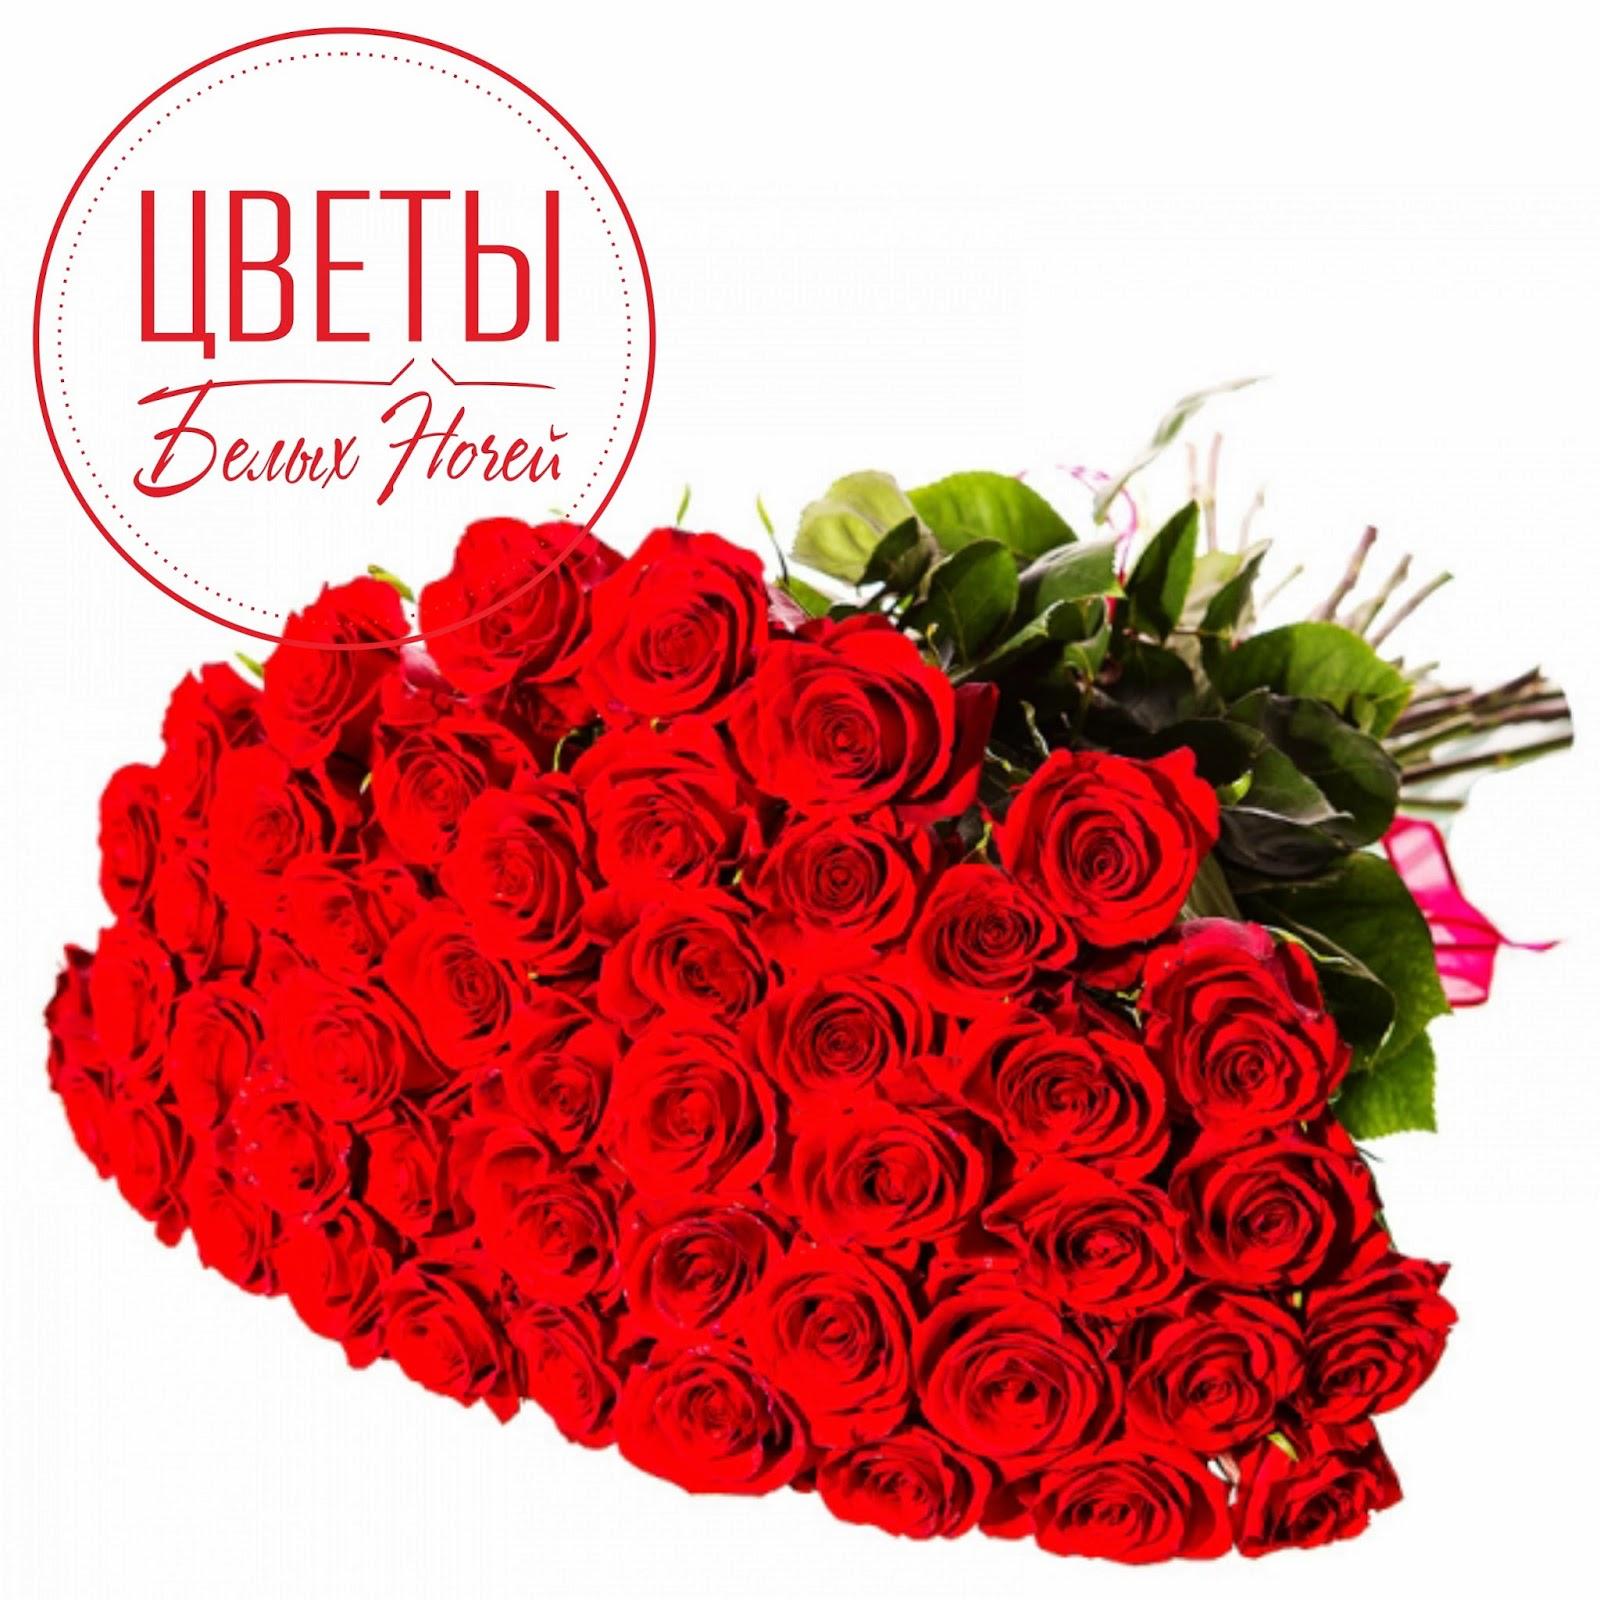 Картинки красивые цветы со смыслом (37 фото) Прикольные 170